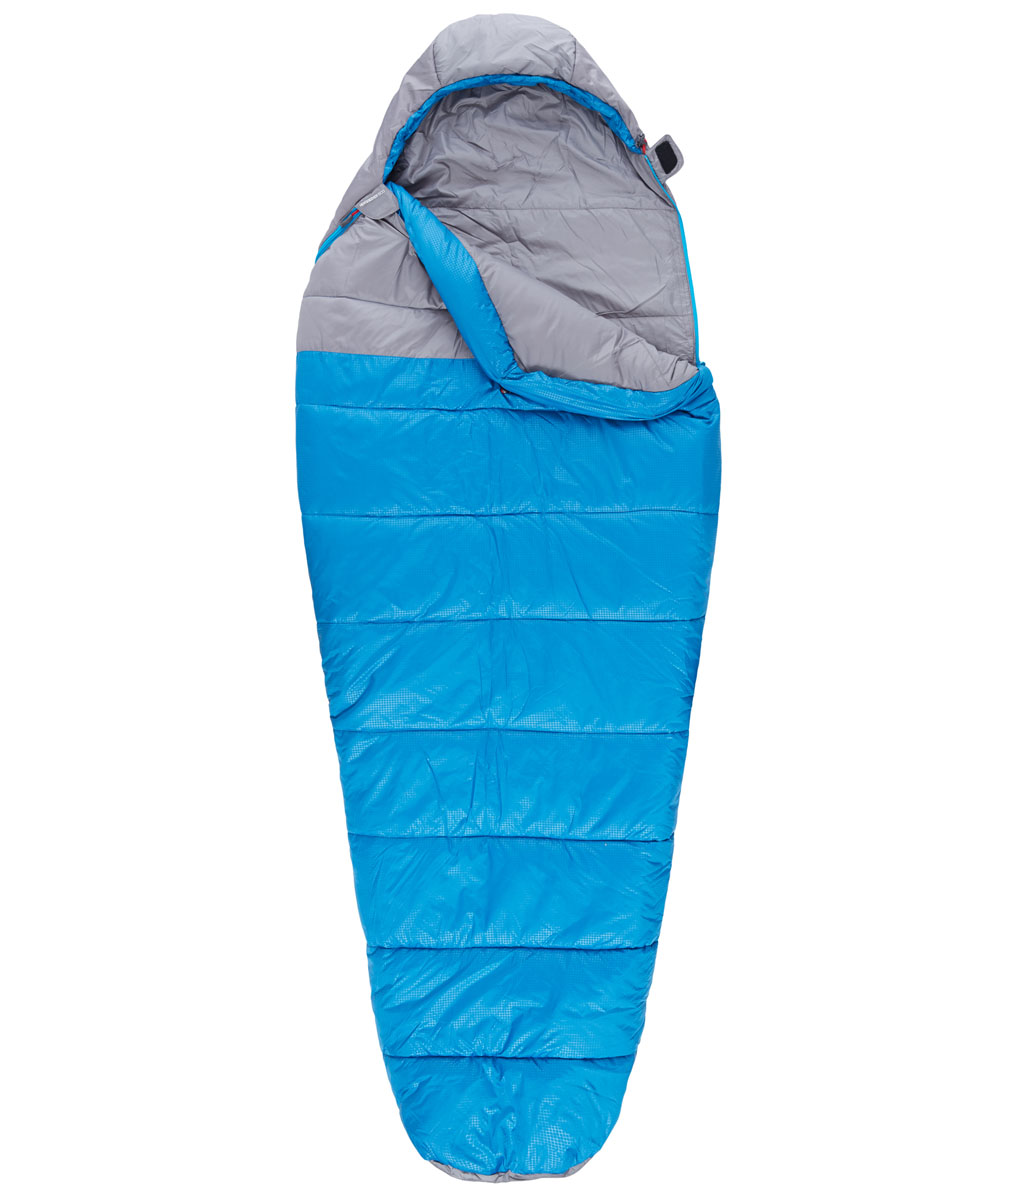 Спальный мешок The North Face Aleutian 20/-7, цвет: синий. T0A3A0M8RLH REG32141-474-00Cпальный мешок The North Face Aleutian 20/-7 прекрасно подойдет для путешествий, походов и рыбалки. Его можно целиком расстегнуть и расстелить в палатке. Мешок достаточно вместительный, универсальный, теплый и комфортный. Наружный и внешний слой выполнены из полиэстера. Он имеет:- капюшон,- внутренний карман,- отделение под подушку,- защита от закусывания молнии, - тепловой воротник,- тепловой валик молнии, - петли для сушки.